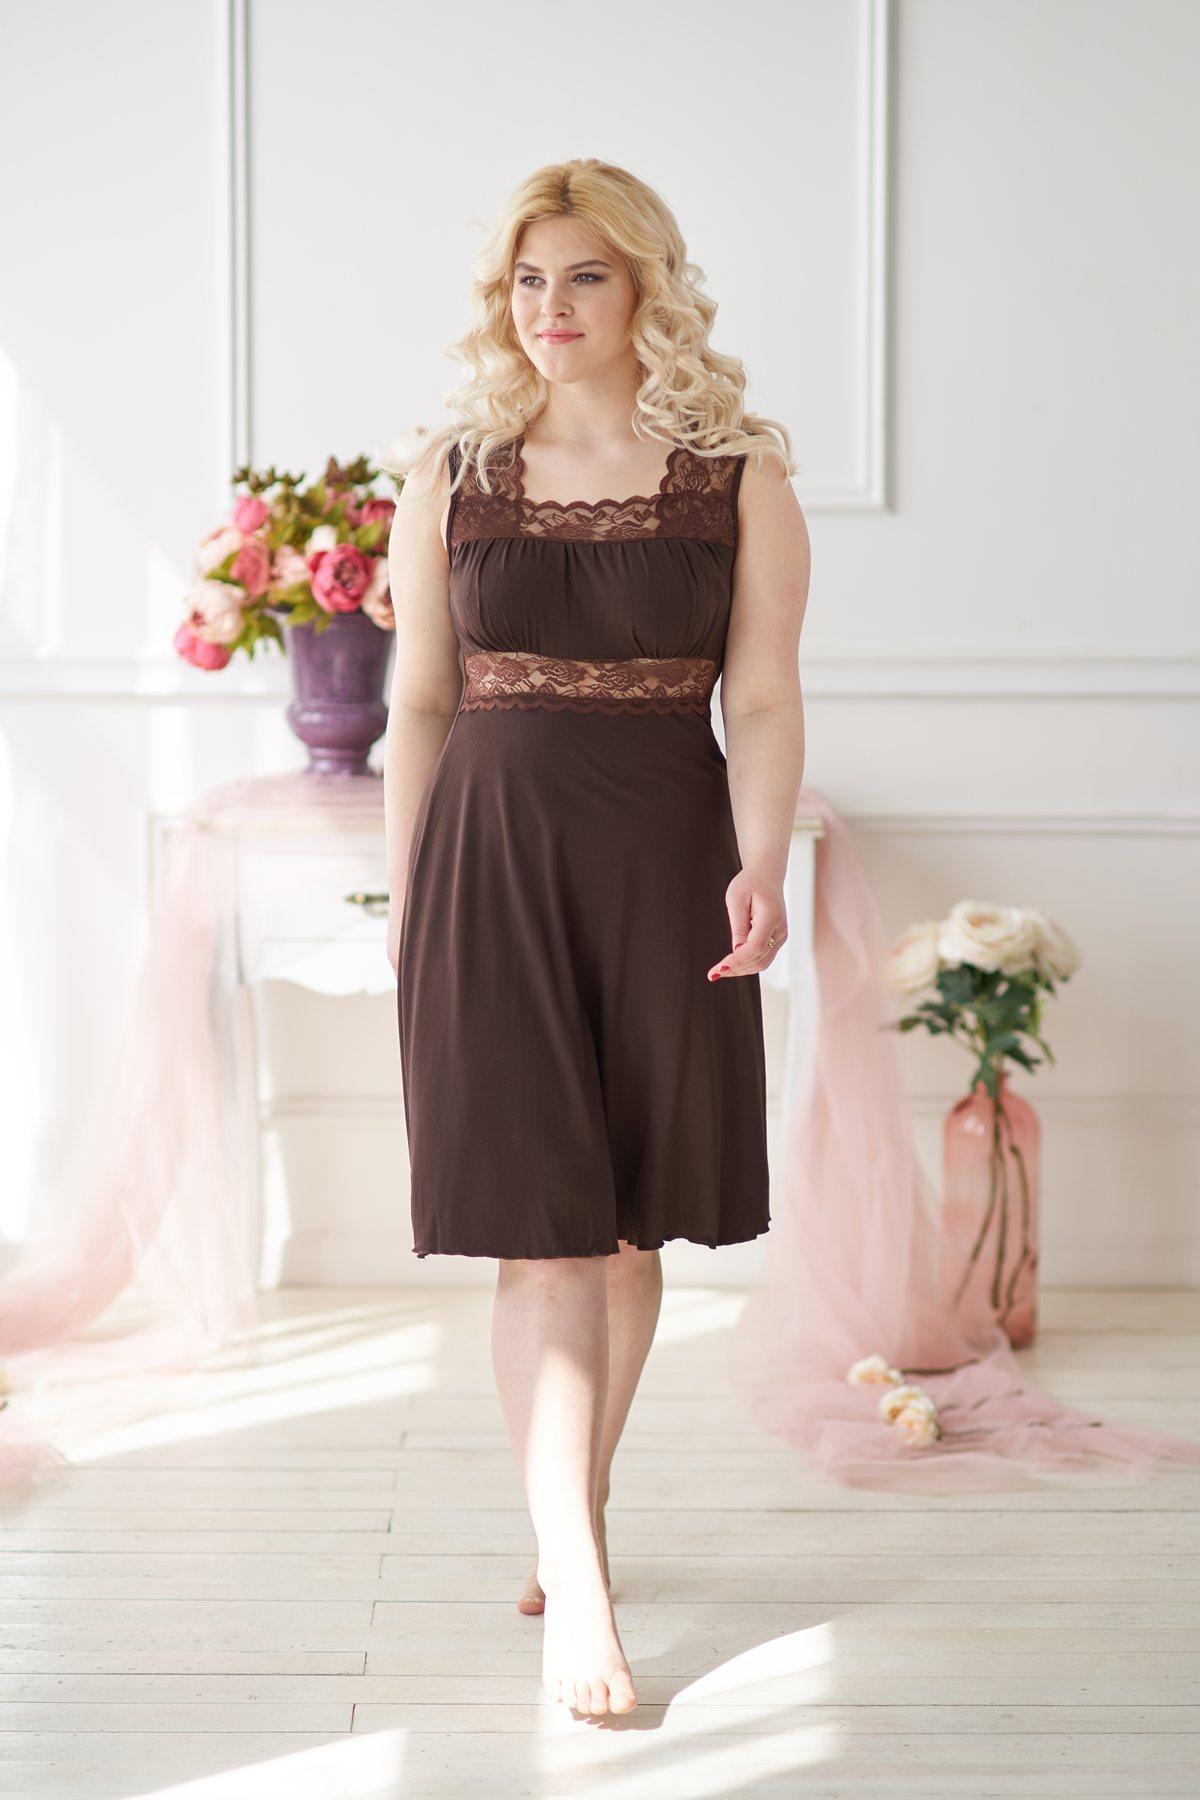 Жен. сорочка арт. 19-0021 Шоколадный р. 50Ночные сорочки<br>Факт. ОГ:76 см<br>Факт. ОТ:70 см<br>Факт. ОБ:100 см<br>Длина по спинке:97 см<br><br>Тип: Жен. сорочка<br>Размер: 50<br>Материал: Вискоза